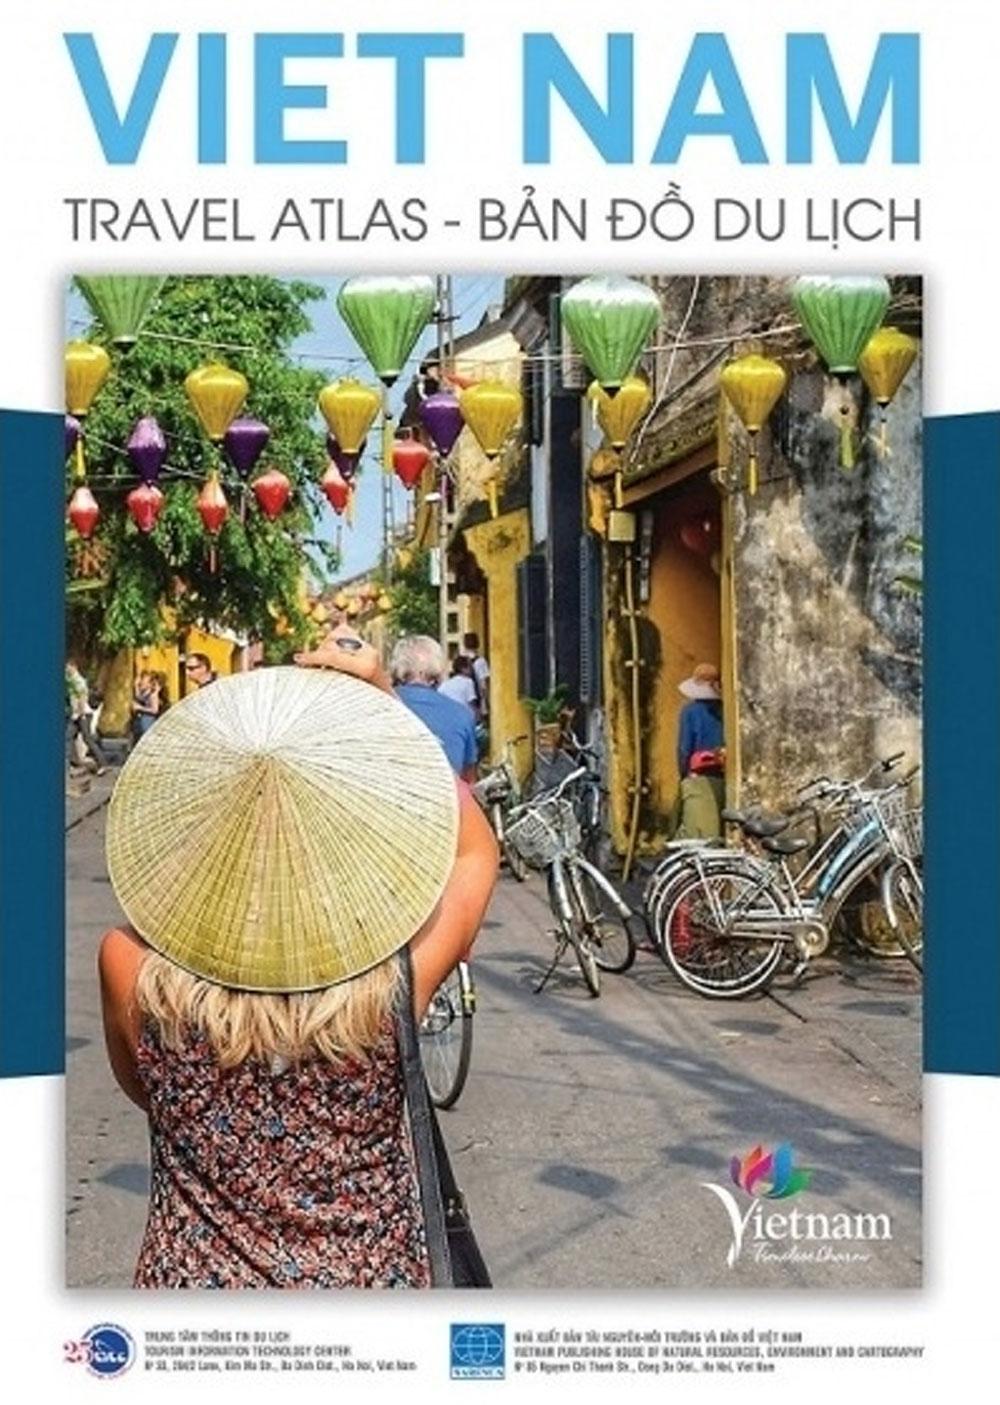 Vietnam Travel Atlas, update visitors, tourism information, official publication,  tourist destinations, essential information